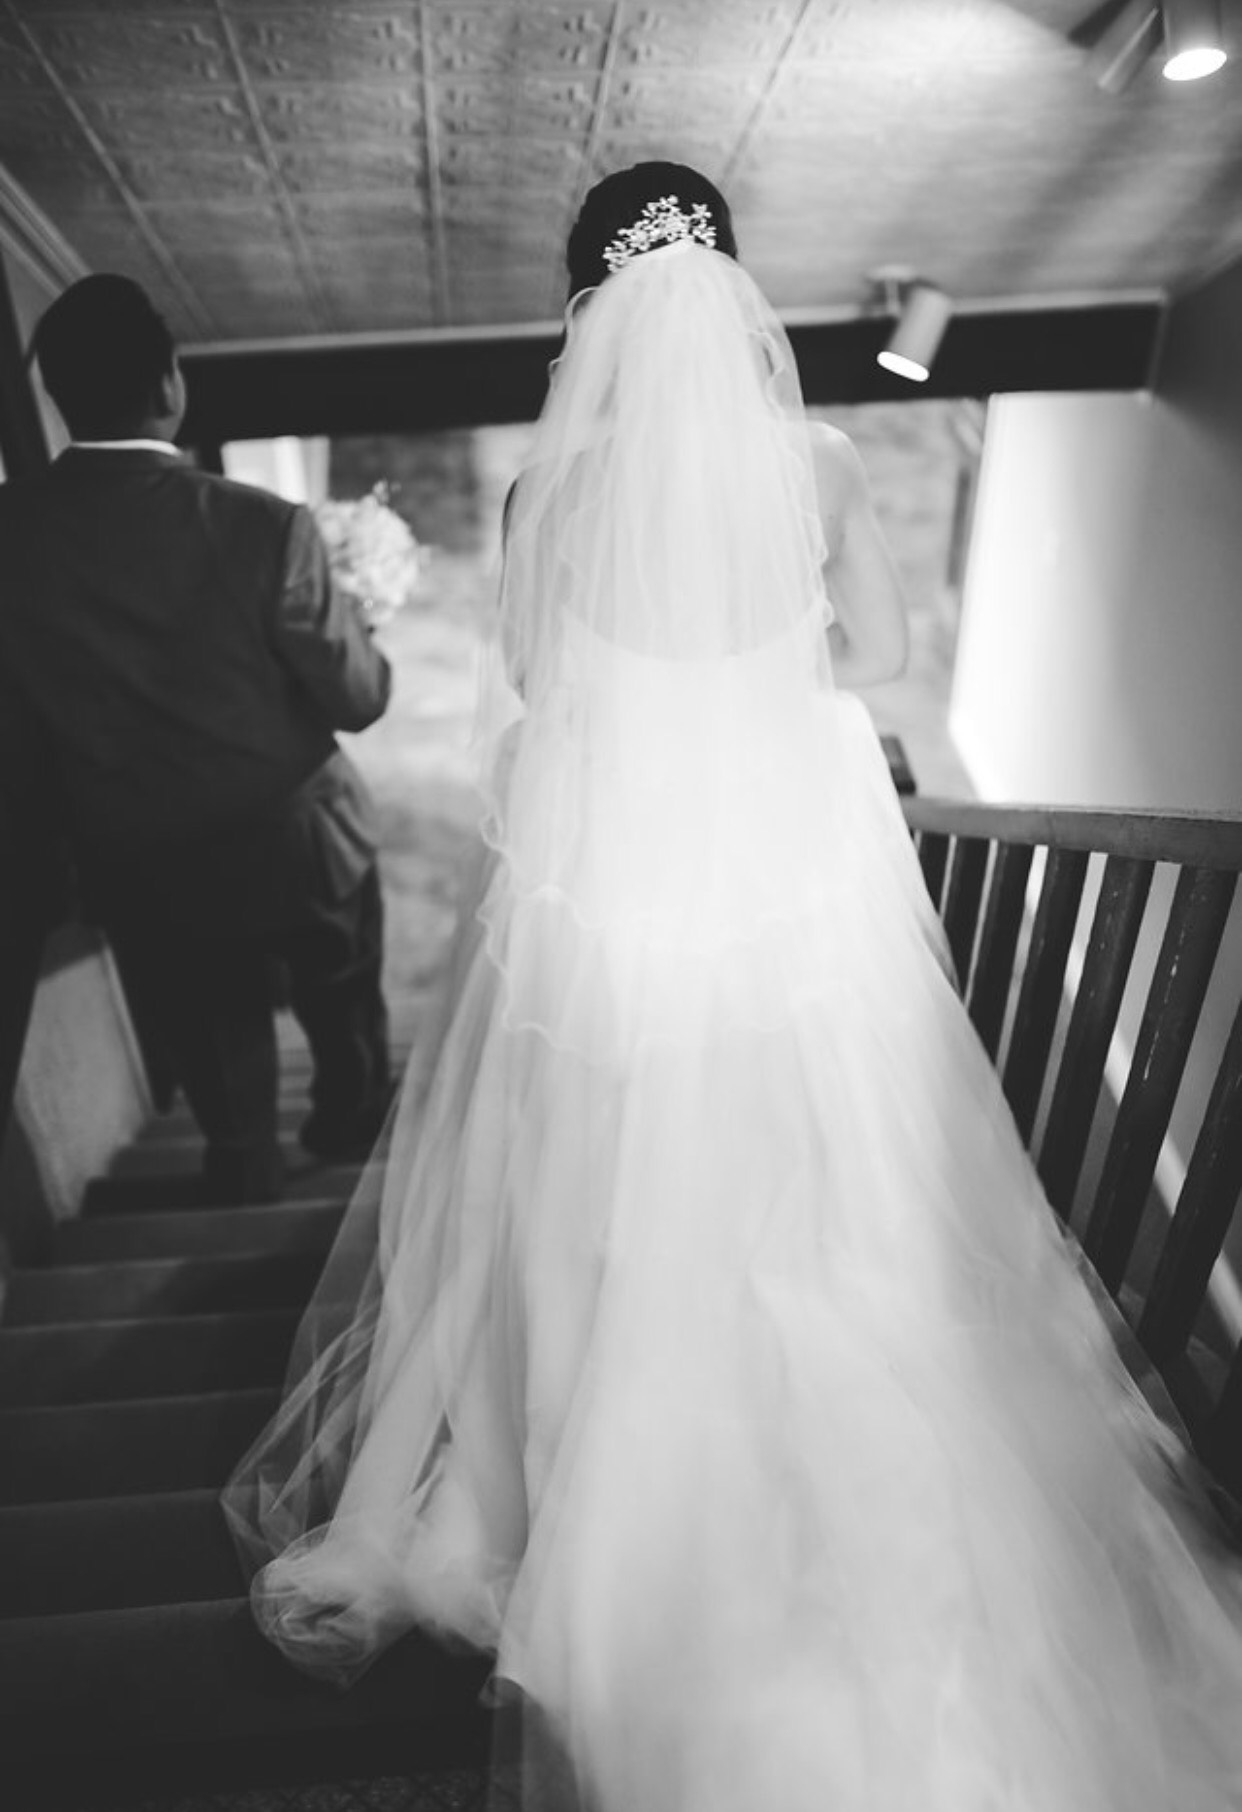 Denver-wedding-hairstylist-updo-specilaist